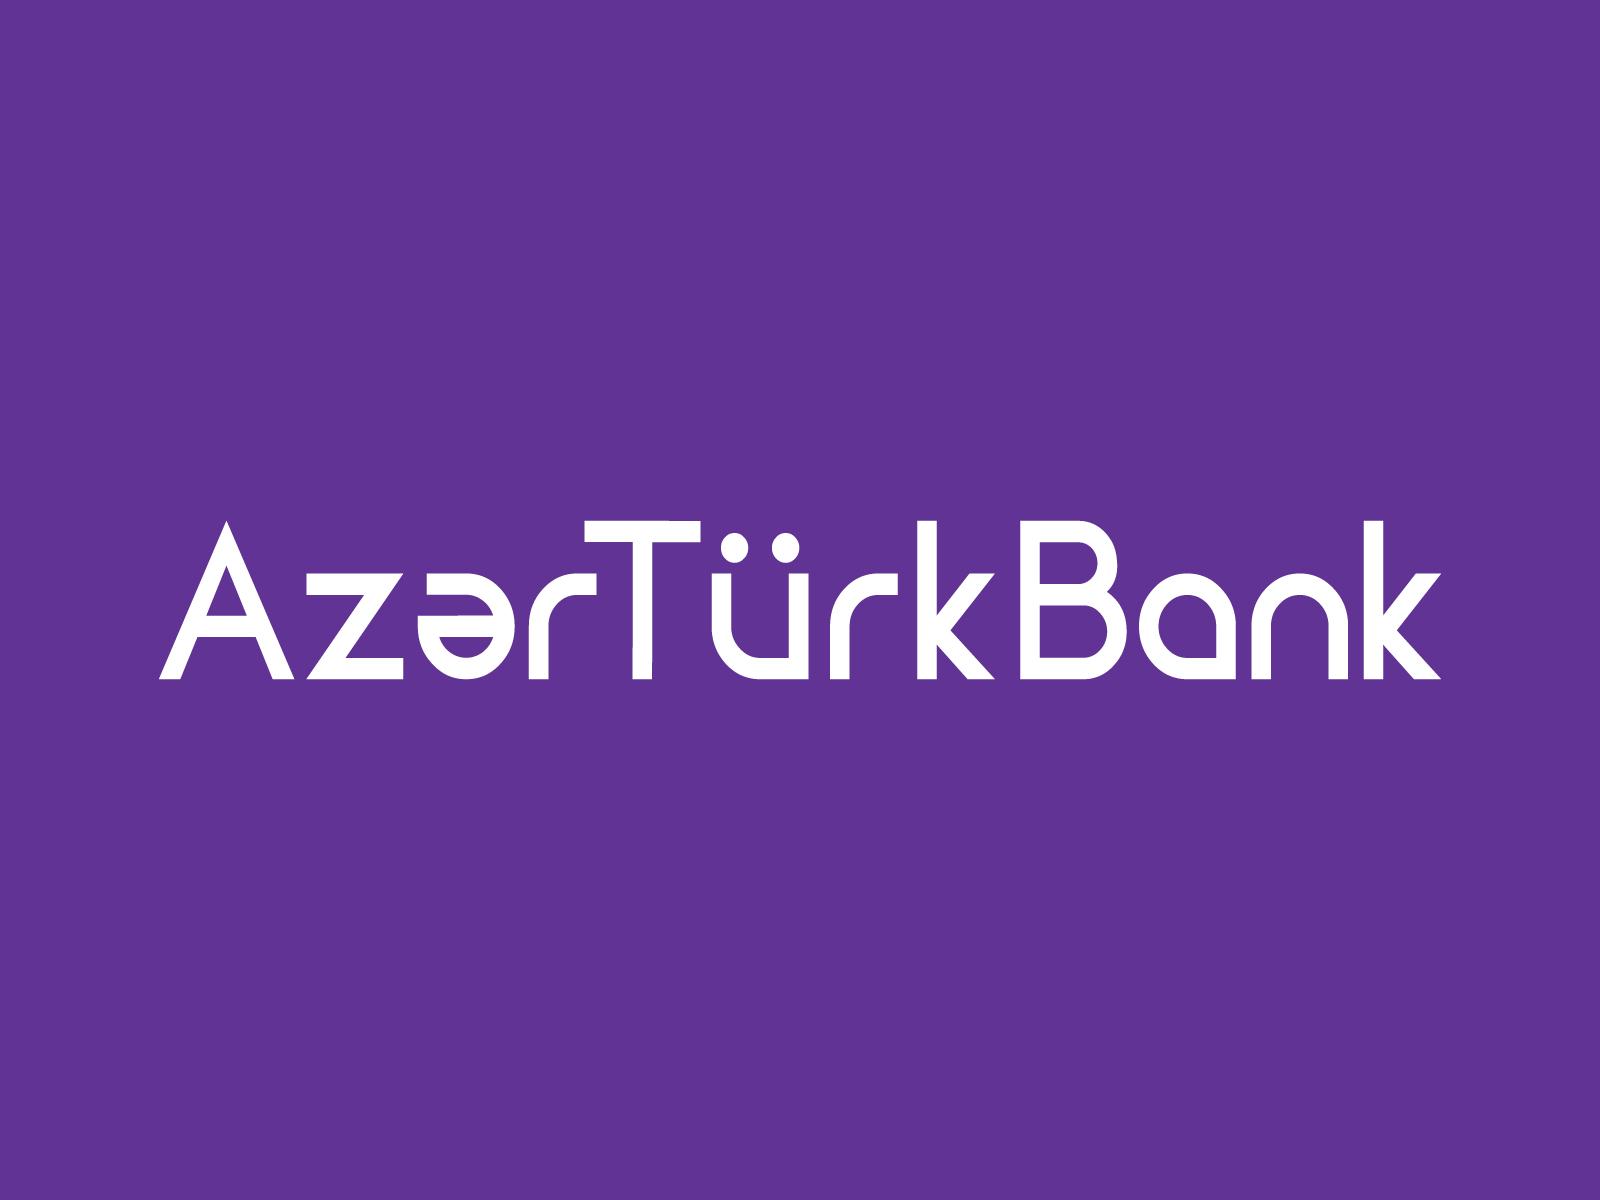 Azer Turk Bank предлагает бесплатные карты и услуги предпринимателям